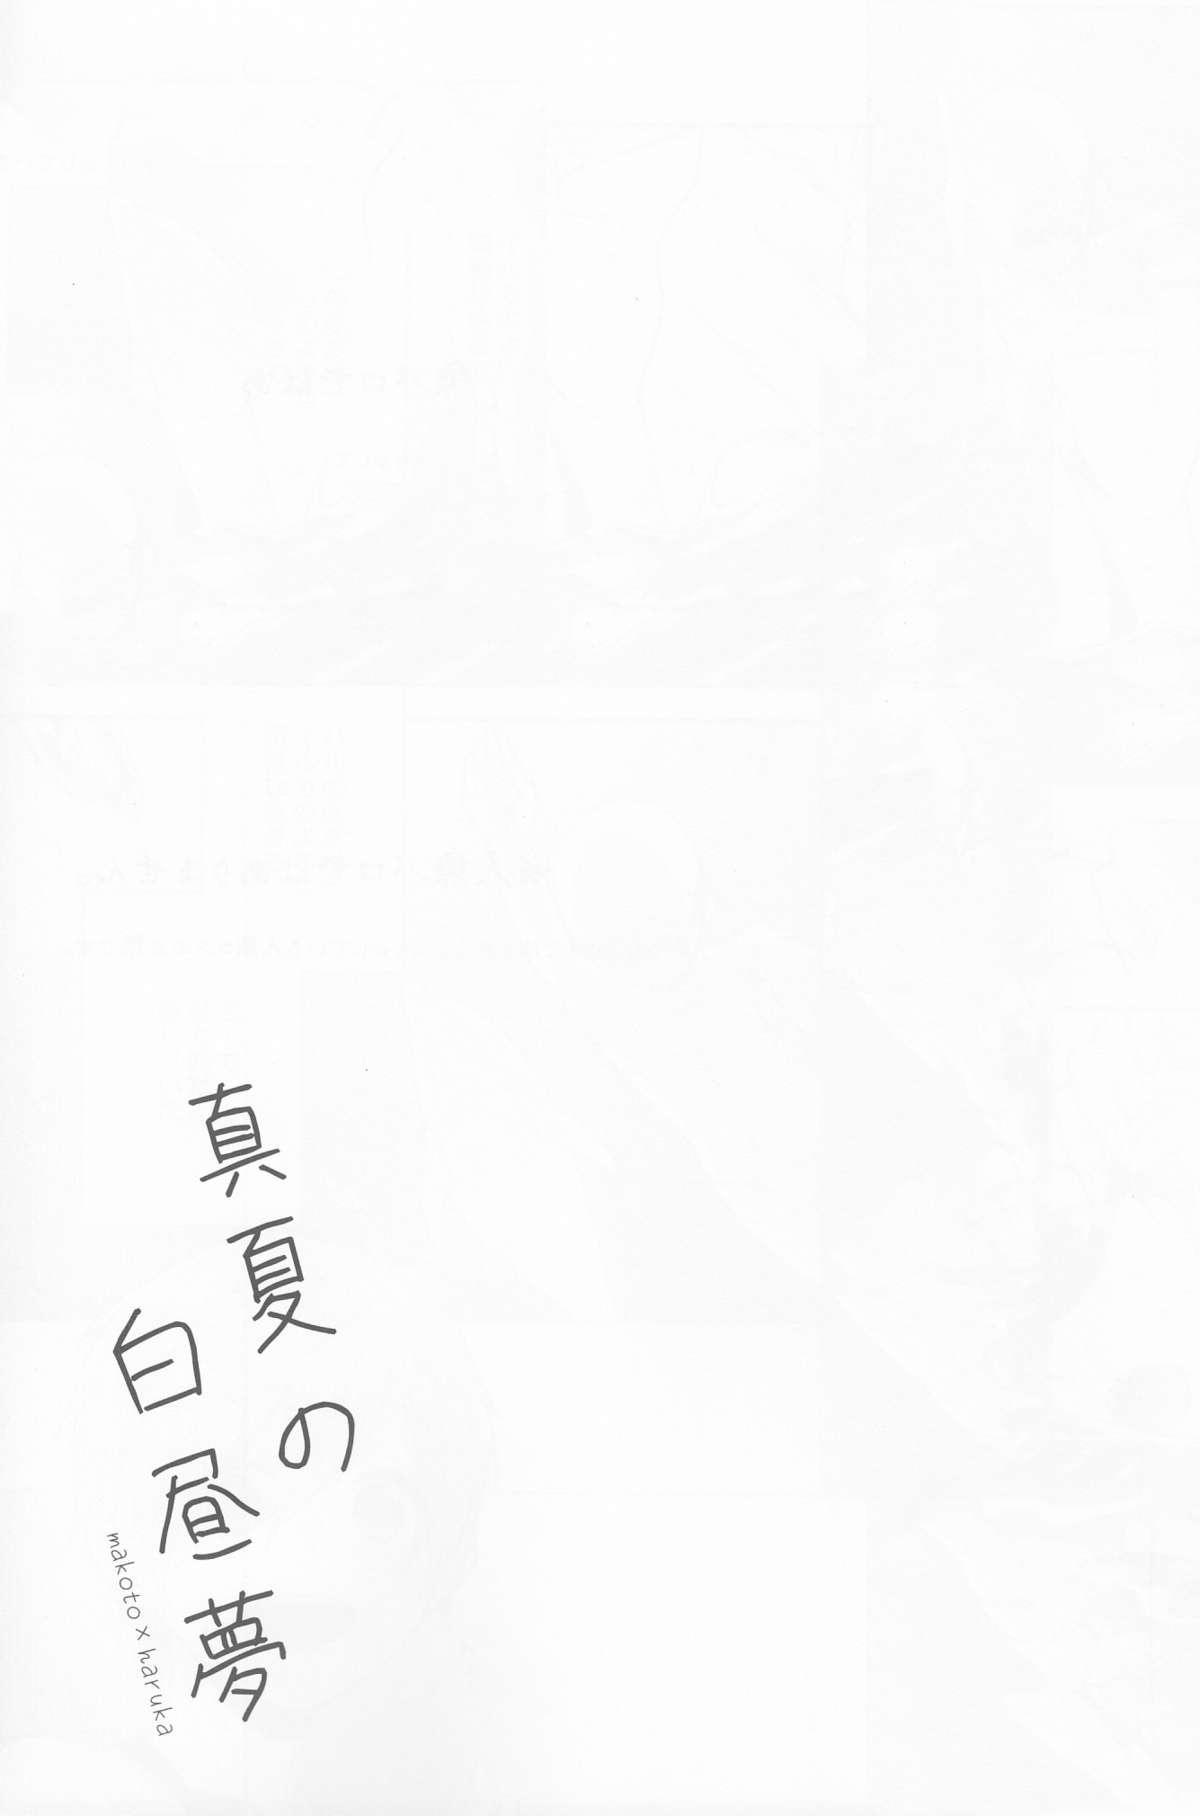 Manatsu no hakuchuumu 1